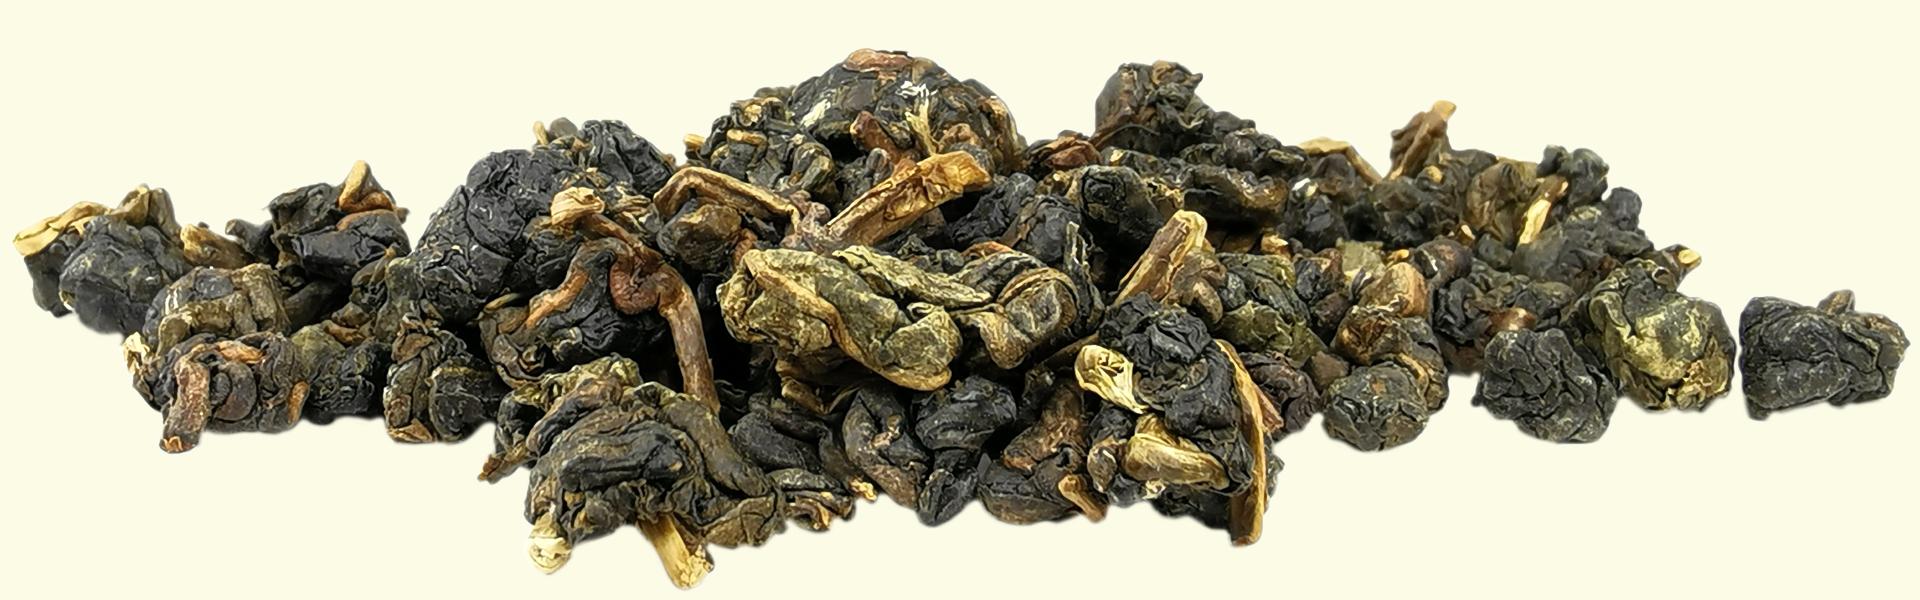 Le thé Oolong #12 Jinxuan en feuilles roulées est destiné à être infusé plusieurs fois de suite pour savourer l'évolution de ses arômes & de sa texture.